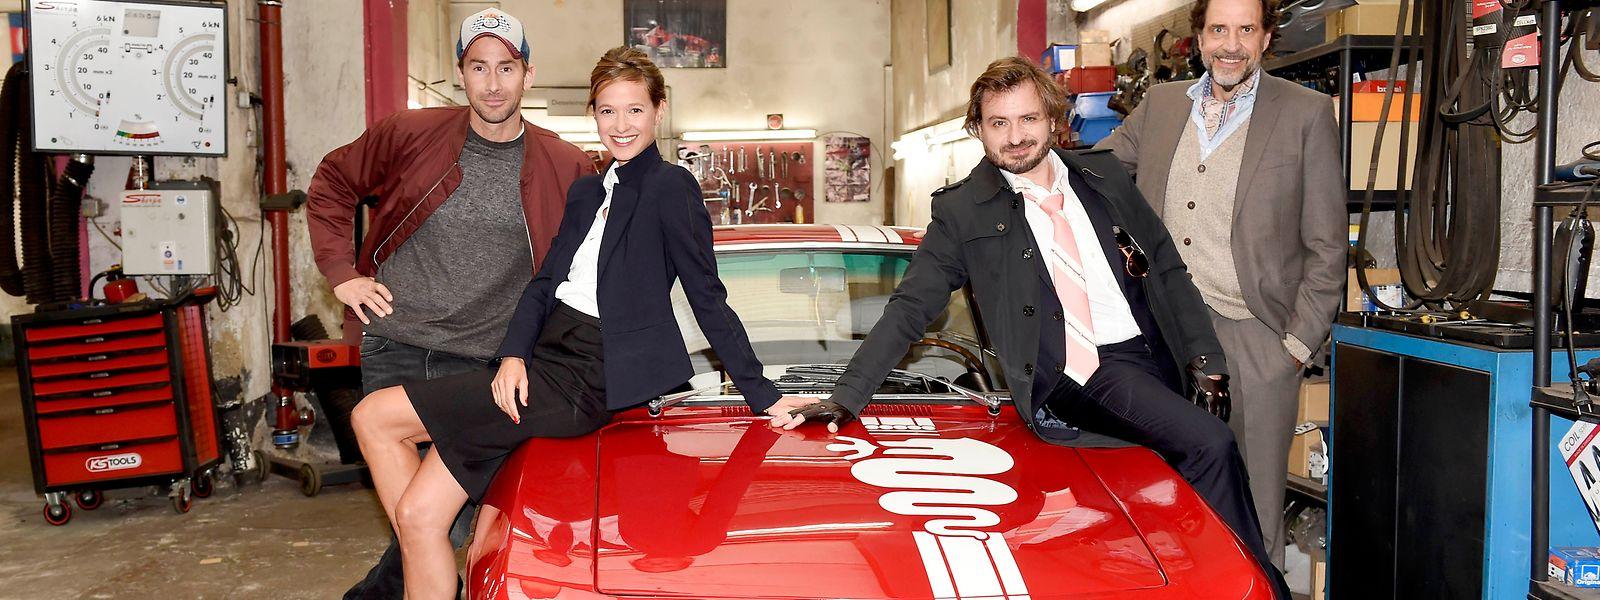 Markus Stoll (Harry G), Lisa Bitter, Daniel Christensen und Helmfried von Lüttichau bilden das Team der neuen Serie (v.l.n.r.).